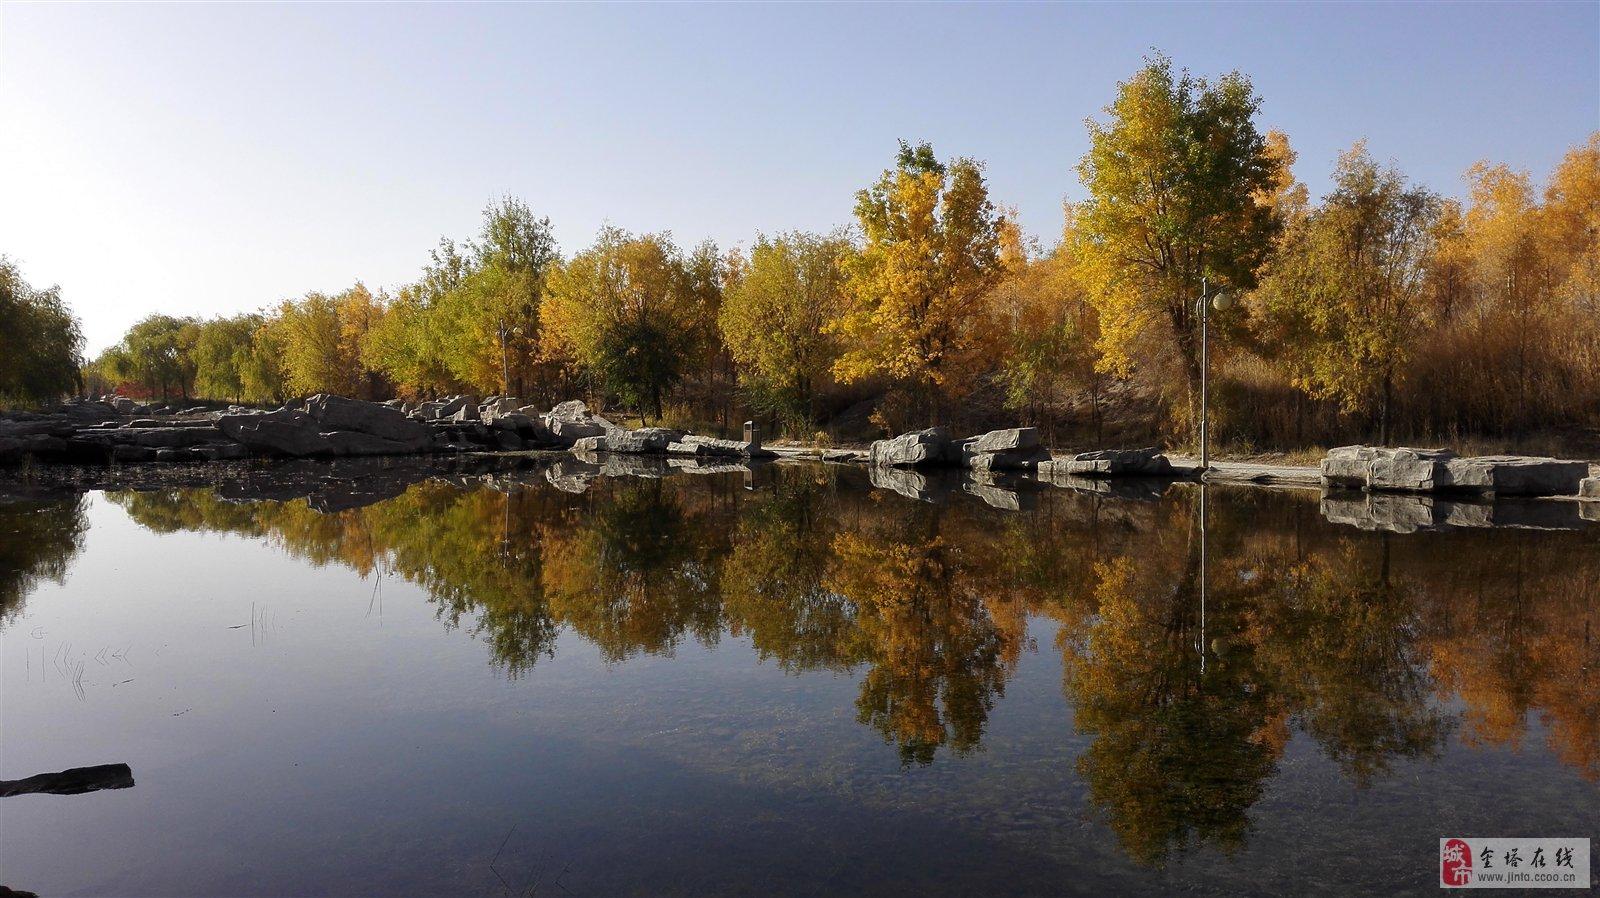 欢迎到金鼎湖,清泽溪风景区来旅游观光.